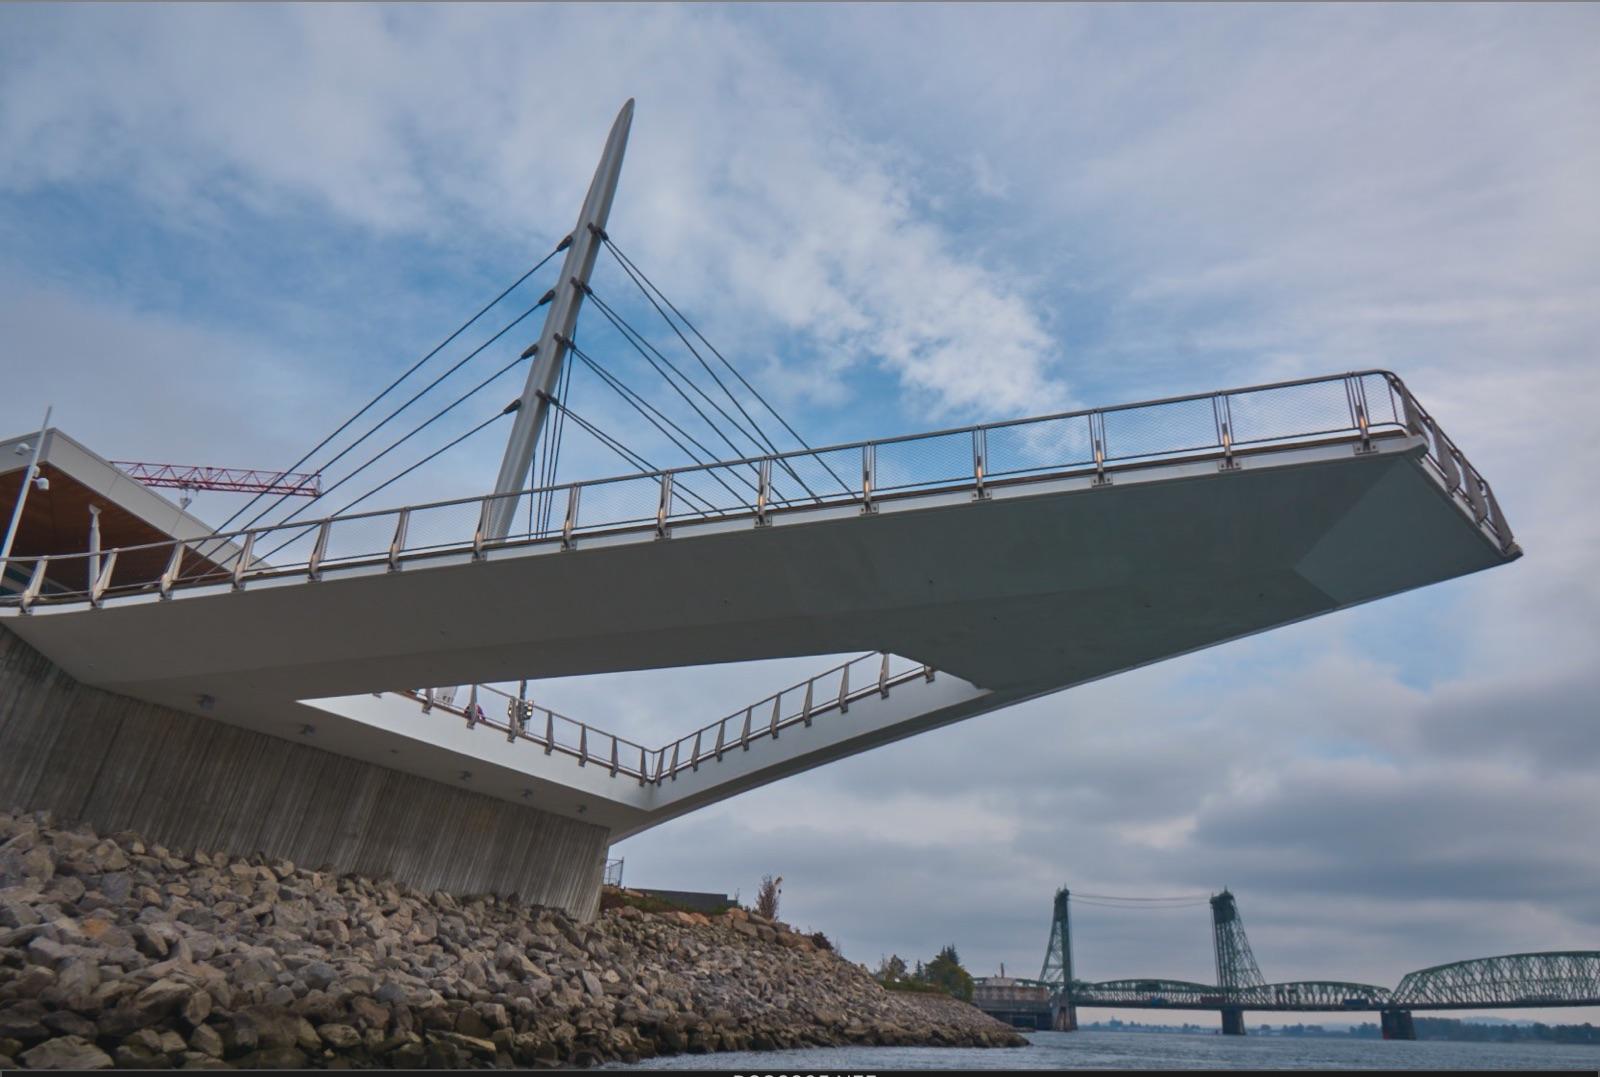 vancouver_waterfront park pier_larry kirkland_public art services_j grant projects_36.jpeg